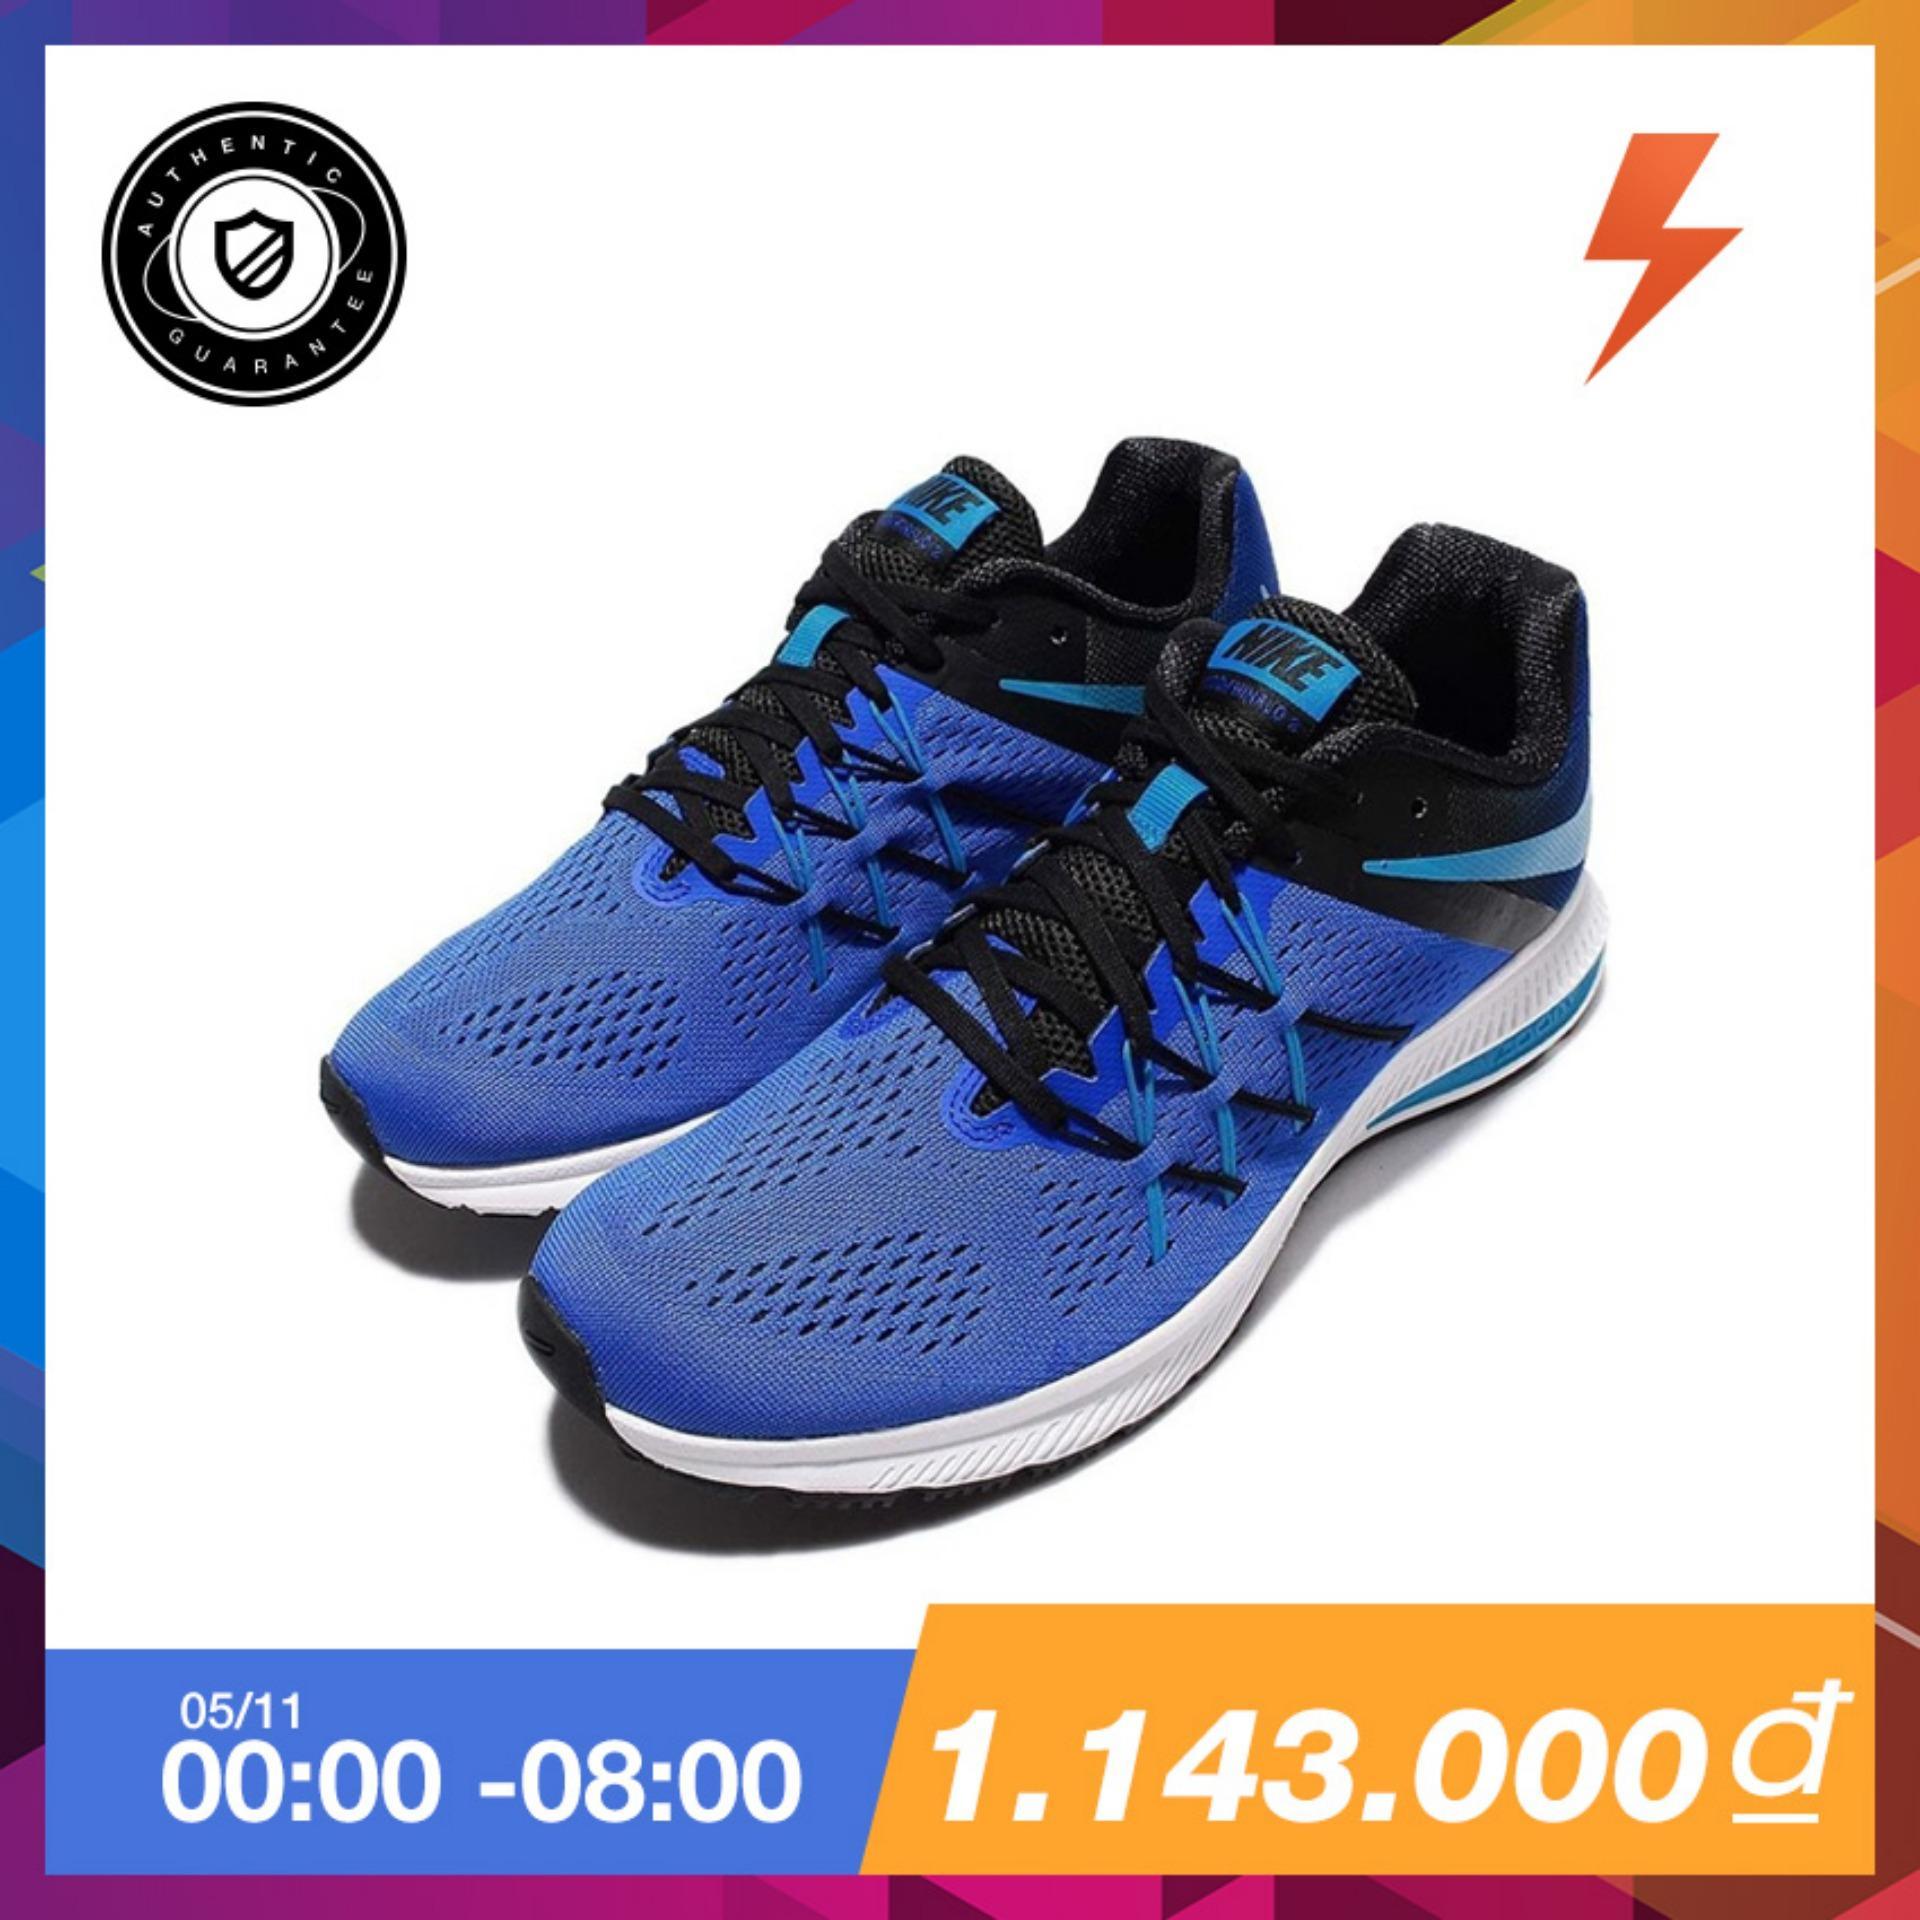 Bán Giay Chạy Bộ Nam Nike Zoom Winflo 3 831561 401 Xanh Hang Phan Phối Chinh Thức Có Thương Hiệu Rẻ